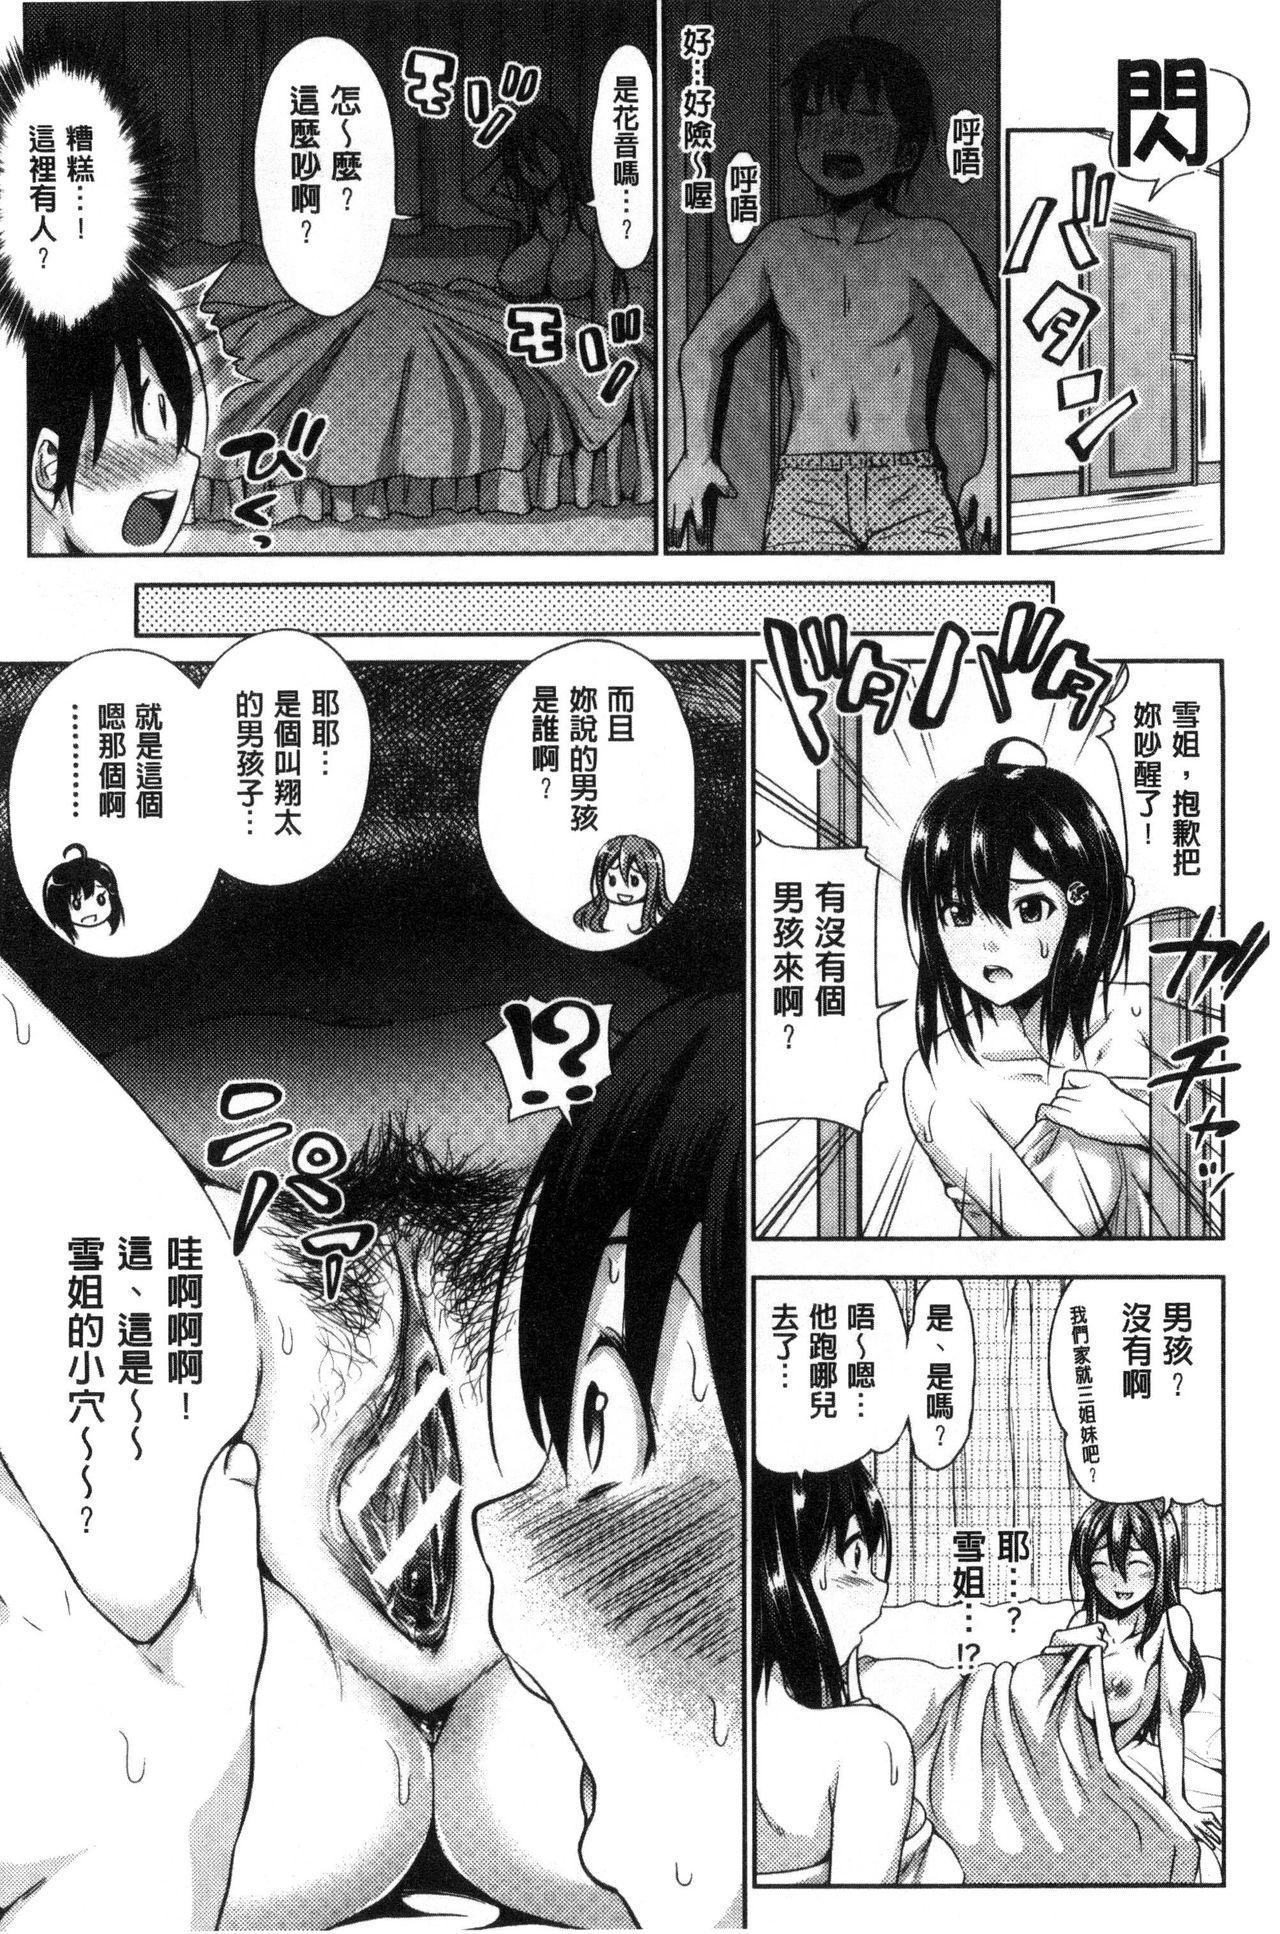 [Takuwan] Sanshimai Show Time -Moshi Ore ga 10-nen mae no Sugata de Seishun Yarinaosetara- | 三姉妹ShowTime -如果我以10年前的模樣青春再玩一次的話- [Chinese] 15